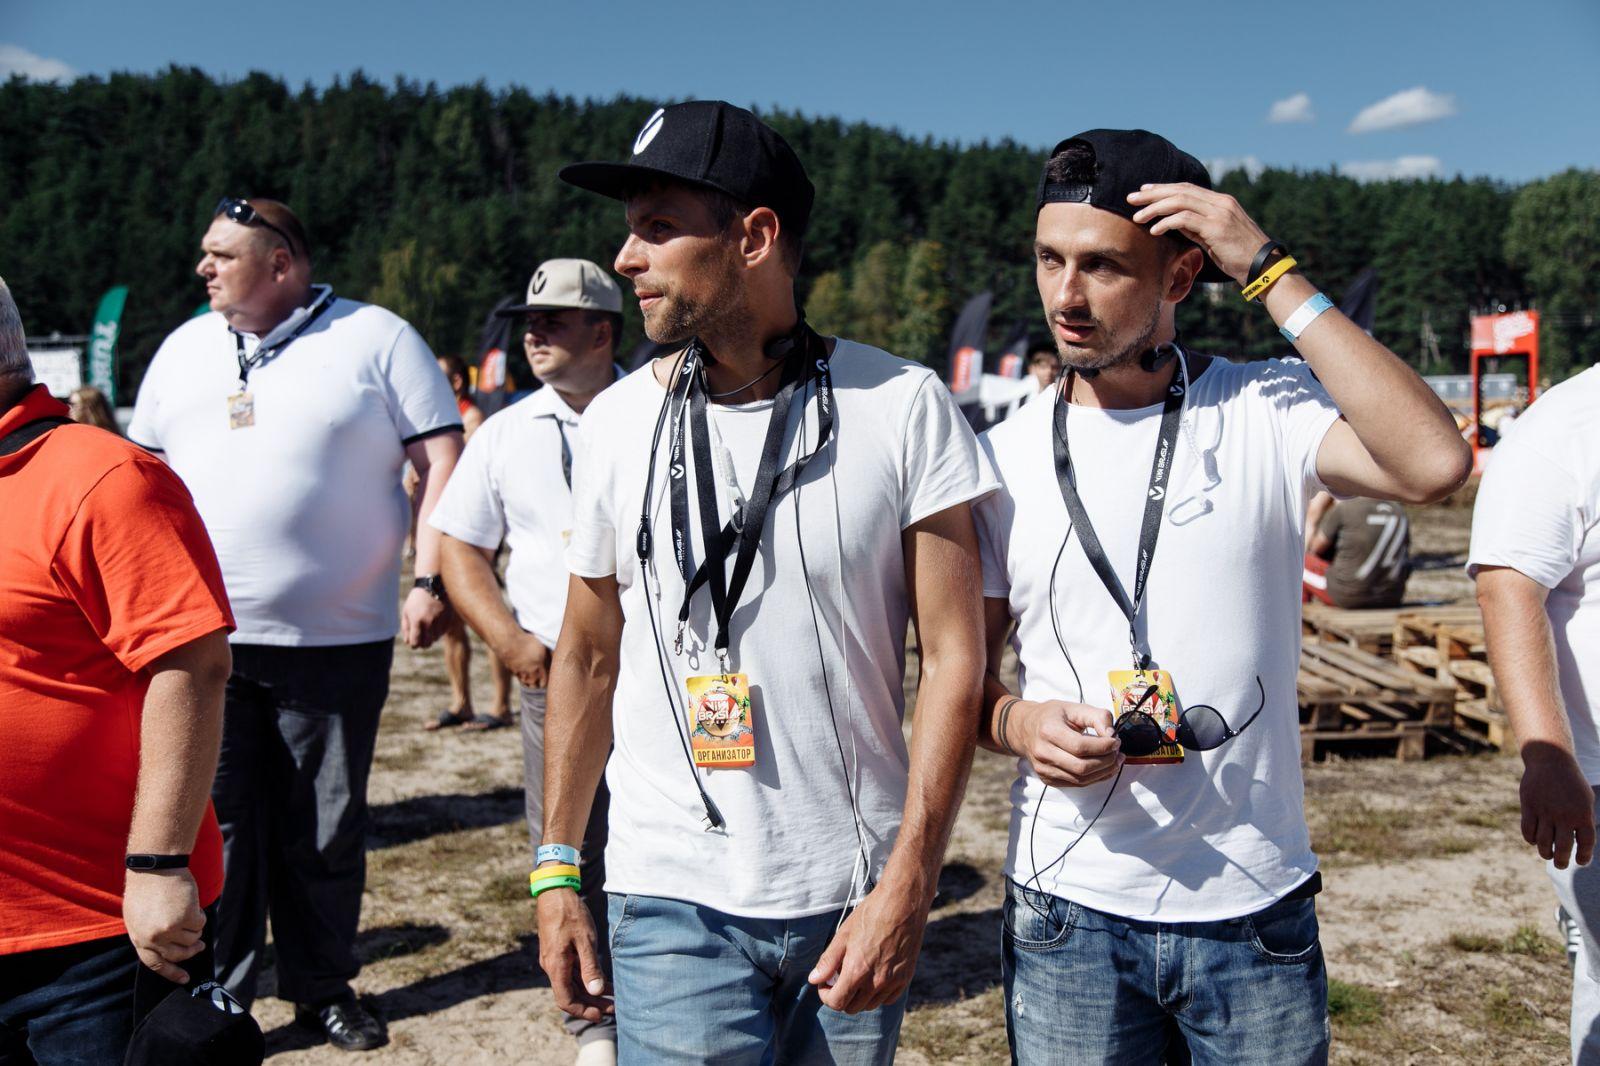 Организаторы фестиваля Viva Braslav Open Air стали победителями конкурса «Предприниматель года»